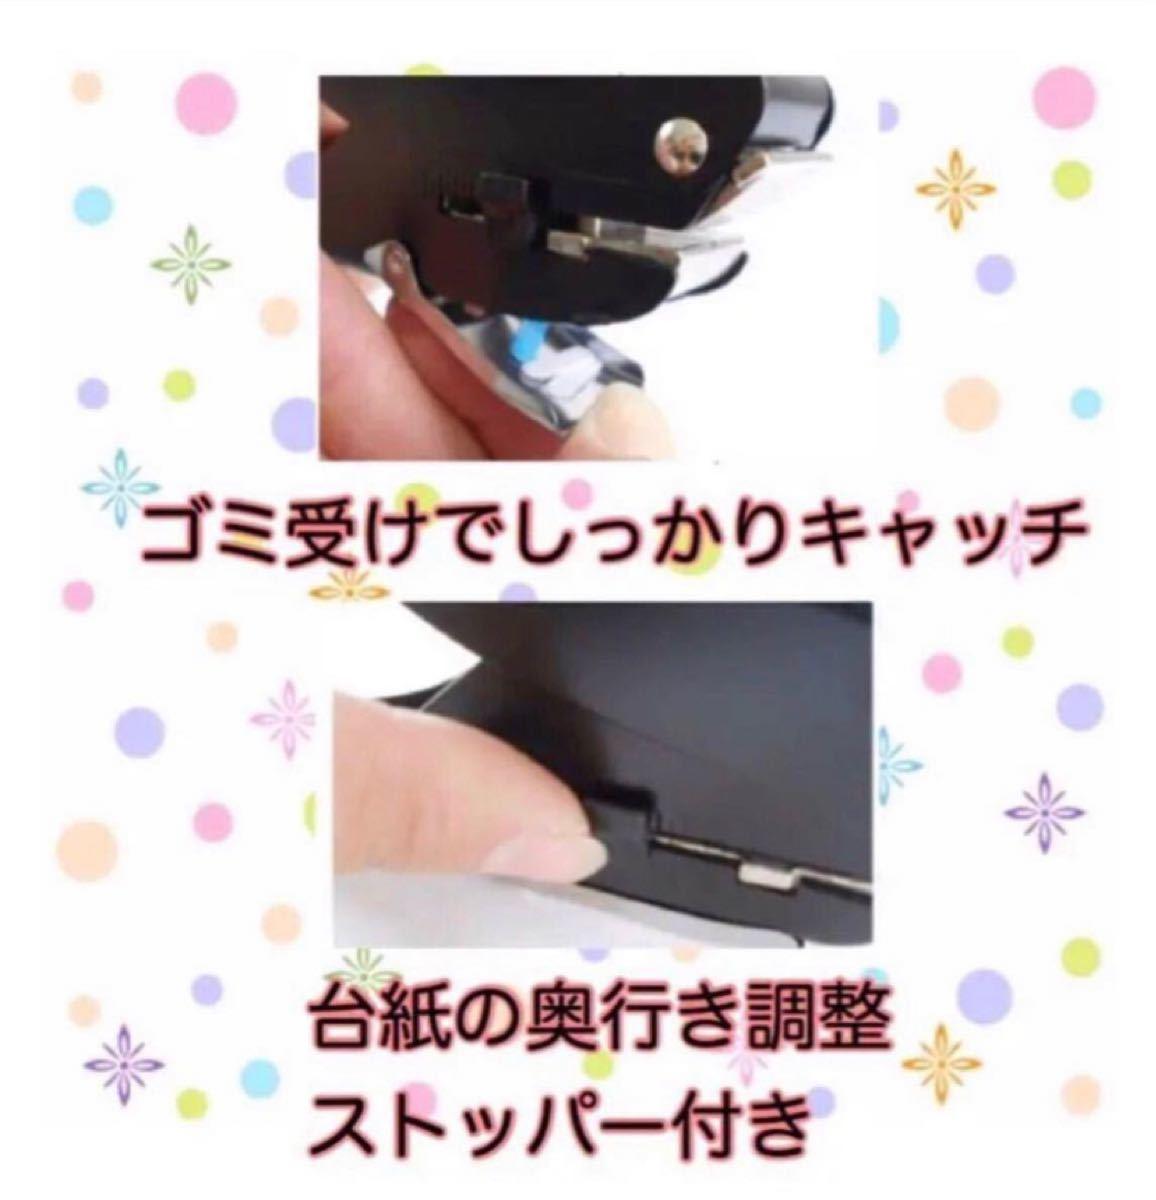 穴あけパンチ イヤリング・ヘアゴム台紙用 楕円型